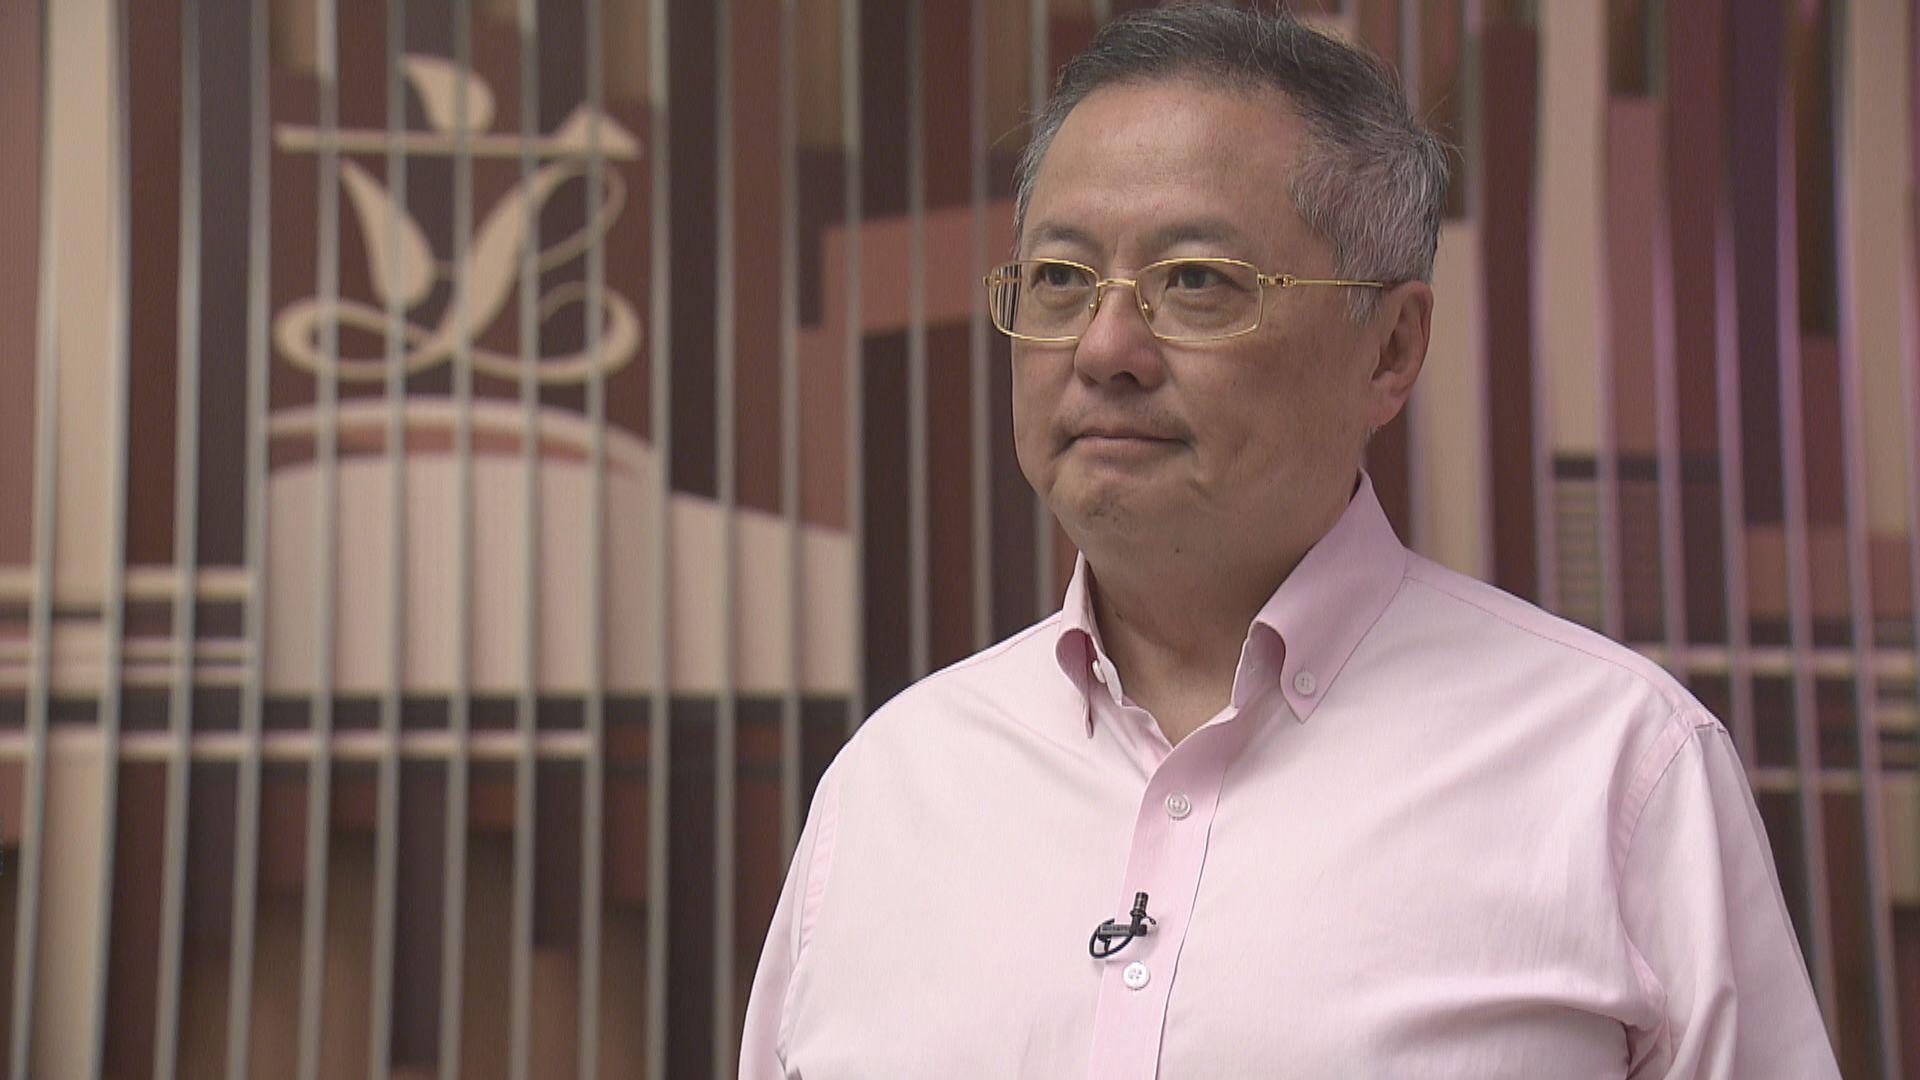 張宇人:田北俊要求他辭任行會不合理